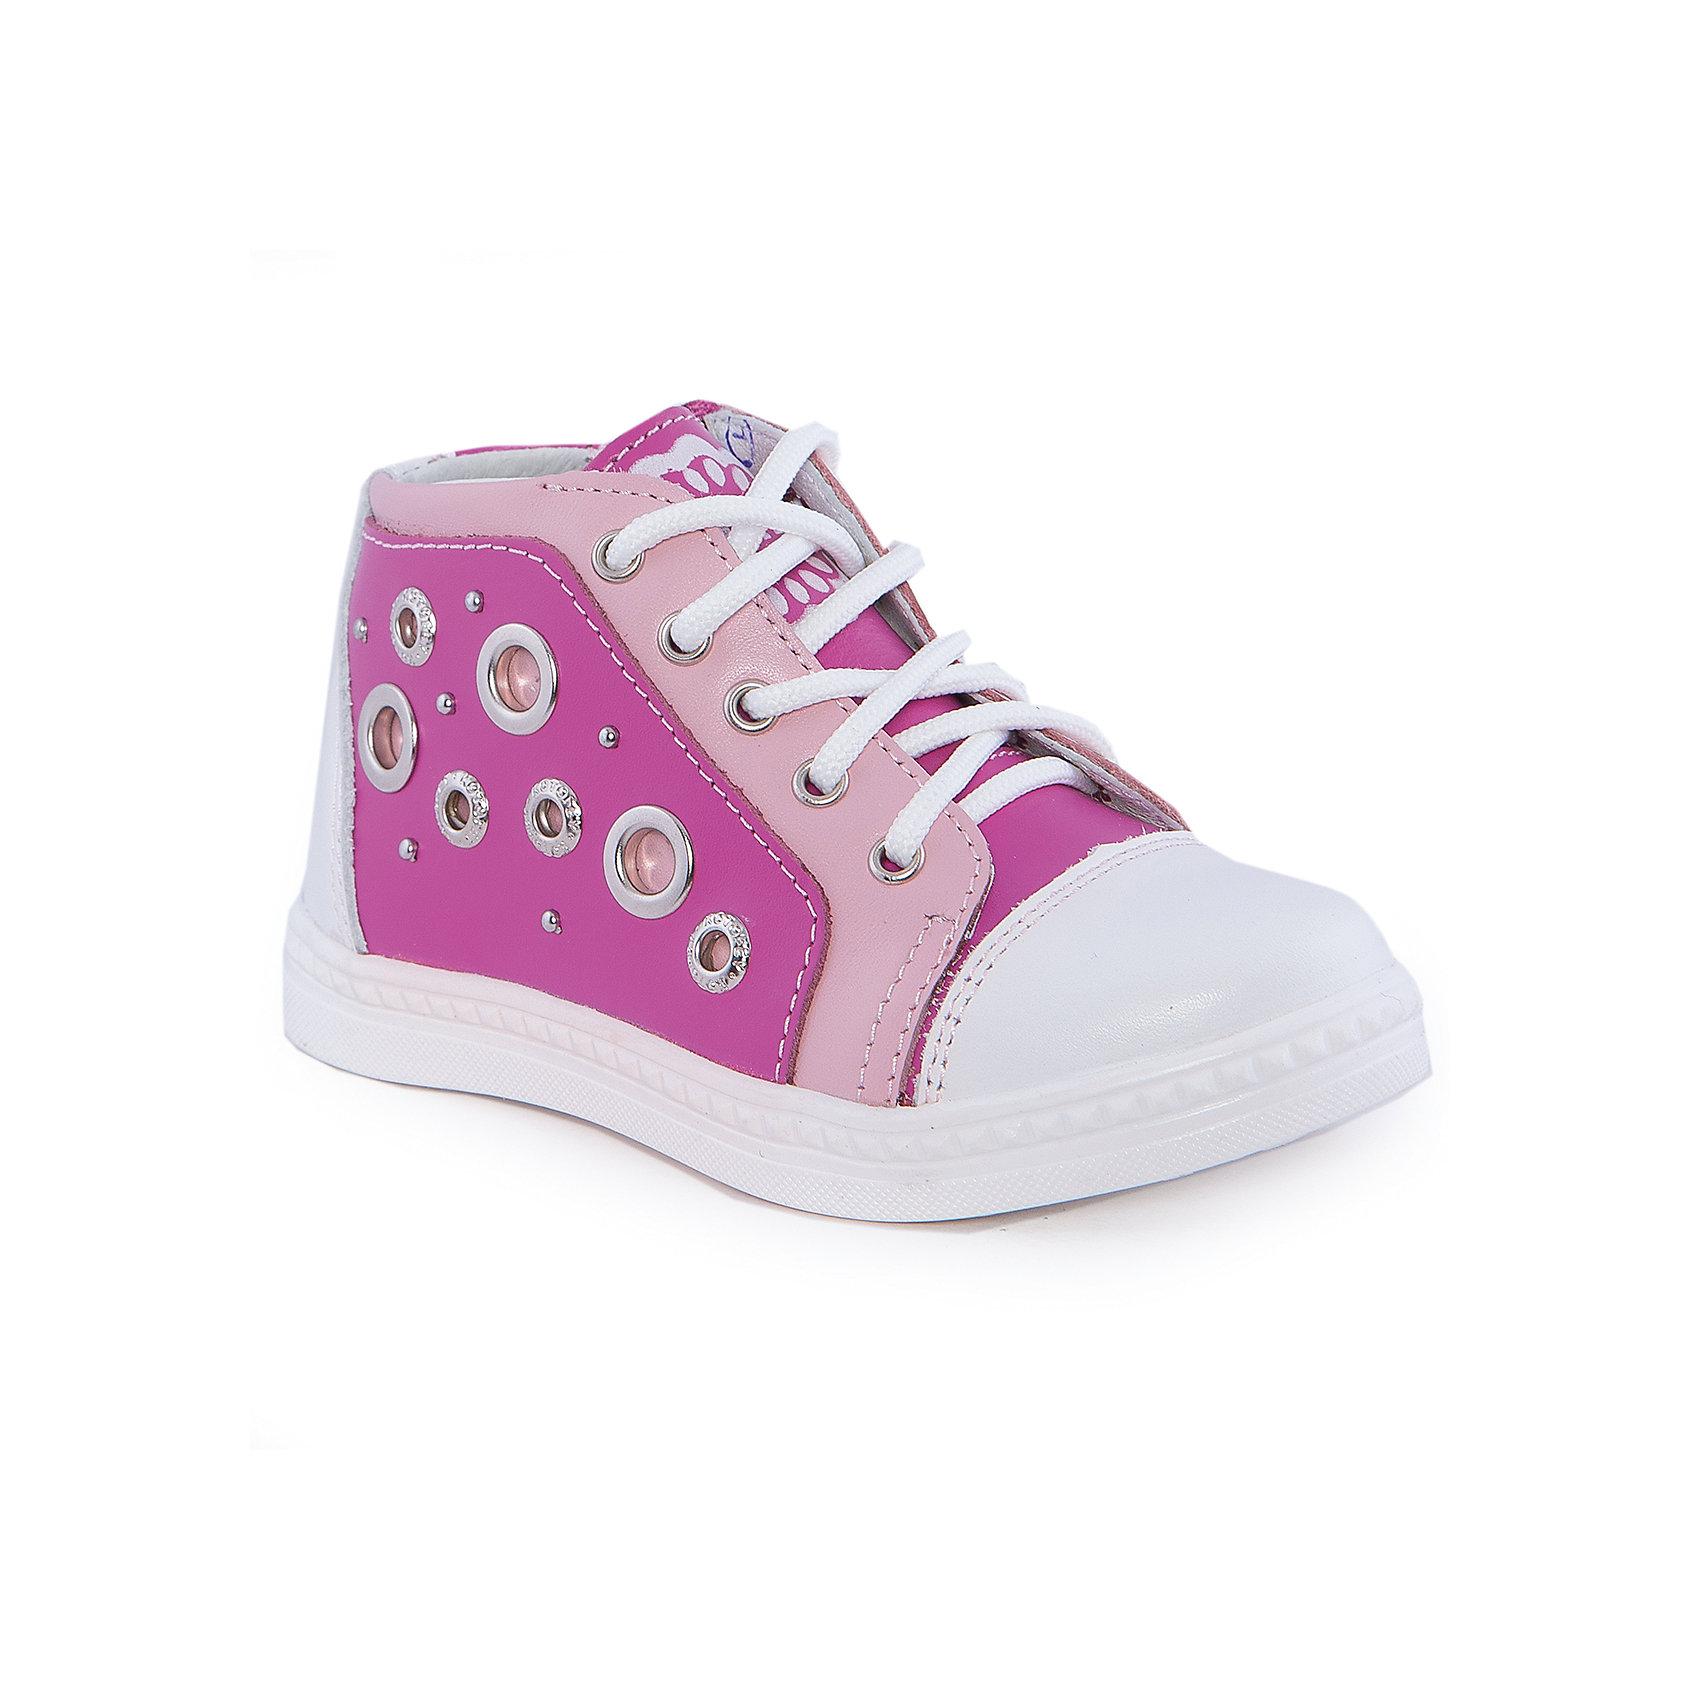 Ботинки для девочки КотофейБотинки<br>Ботинки для девочки от известного российского бренда Котофей <br><br>Стильные ботинки изготовлены из натуральной кожи, выполнены в красивой расцветке. <br>Верх сделан из материала, обеспечивающего ногам комфорт. Толстая рифленая подошва позволяет избегать скольжения практически на любой поверхности.<br><br>Особенности модели:<br><br>- цвет: белый, розовый;<br>- устойчивая подошва;<br>- декорированы перфорацией, принтом и клепками;<br>- застежка: шнуровка, молния;<br>- вид крепления обуви: клеевой;<br>- анатомическая стелька;<br>- качественные материалы;<br>- защита пальцев и пятки;<br>- модный дизайн.<br><br>Дополнительная информация:<br><br>Температурный режим: от 0° до +15°С.<br><br>Состав: <br><br>верх - натуральная кожа;<br>подкладка - кожа;<br>подошва - ТЭП.<br><br>Ботинки для девочки Котофей можно купить в нашем магазине.<br><br>Ширина мм: 262<br>Глубина мм: 176<br>Высота мм: 97<br>Вес г: 427<br>Цвет: белый<br>Возраст от месяцев: 21<br>Возраст до месяцев: 24<br>Пол: Женский<br>Возраст: Детский<br>Размер: 24,25,26,28,29,27<br>SKU: 4565660